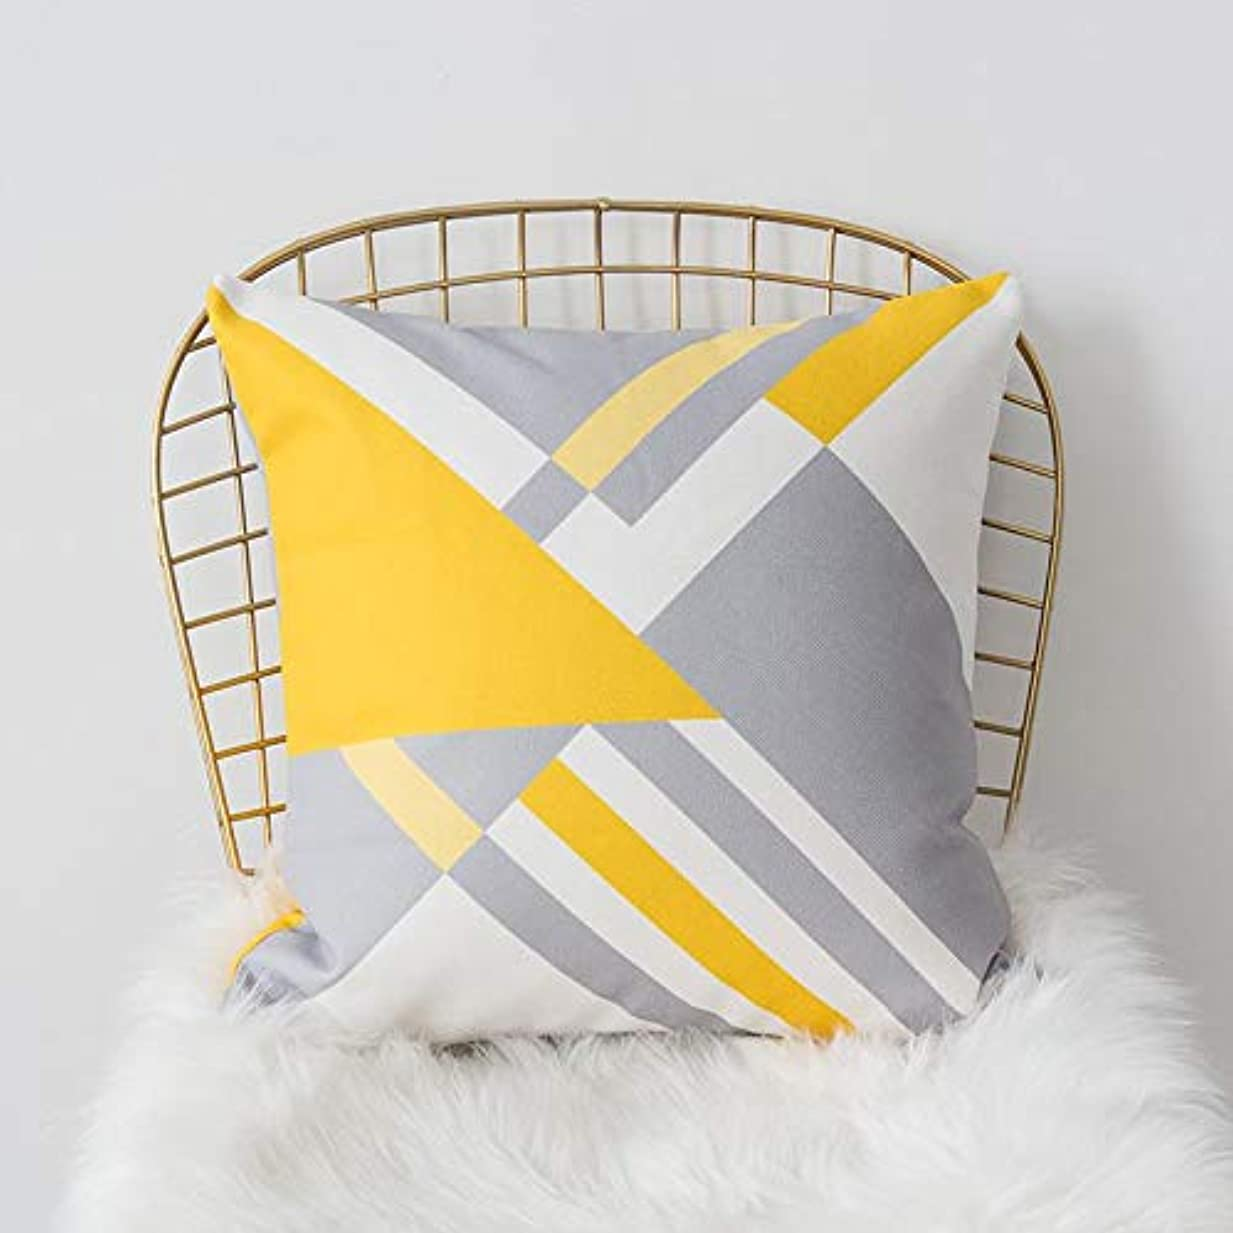 乱す広がり知覚的SMART 黄色グレー枕北欧スタイル黄色ヘラジカ幾何枕リビングルームのインテリアソファクッション Cojines 装飾良質 クッション 椅子